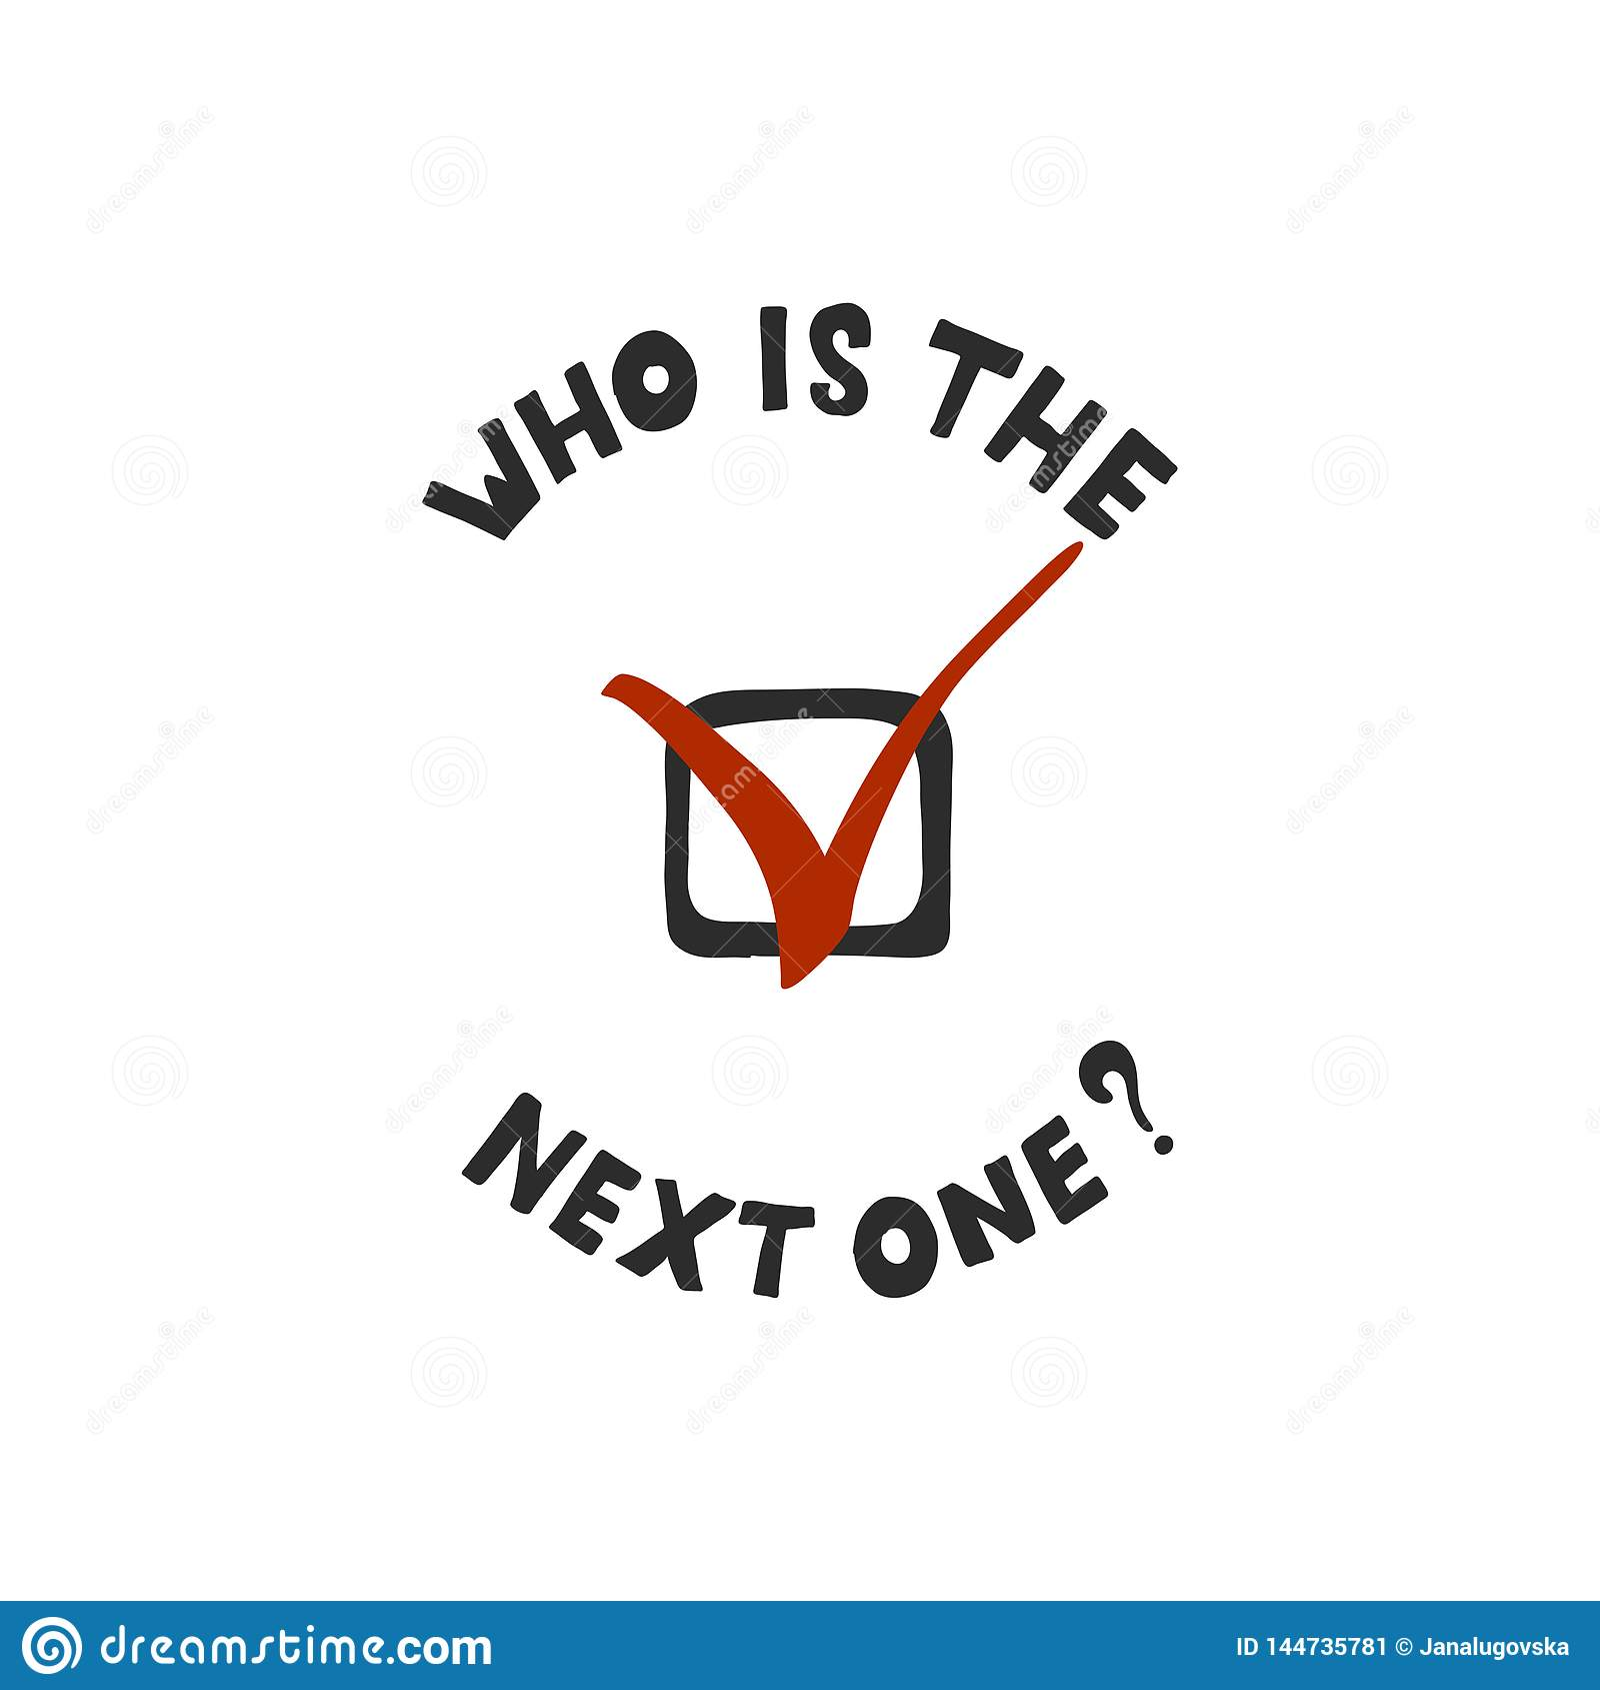 La cuesti?n de qui?n ganar? la elecci?n presidencial en los Estados Unidos en 2020